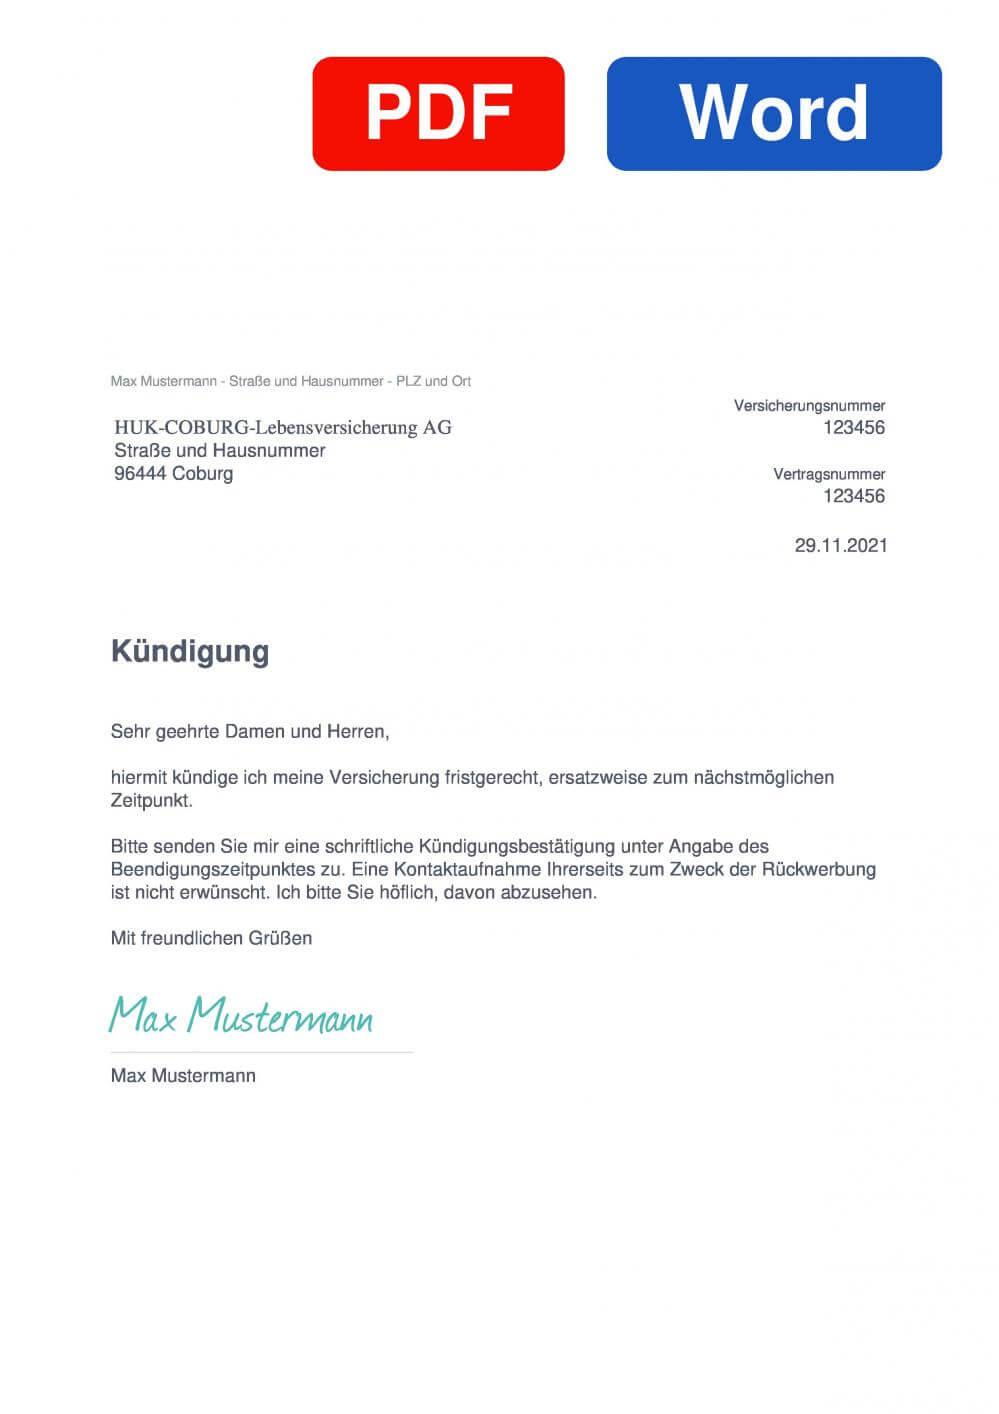 HUK Coburg Riester Rente Muster Vorlage für Kündigungsschreiben